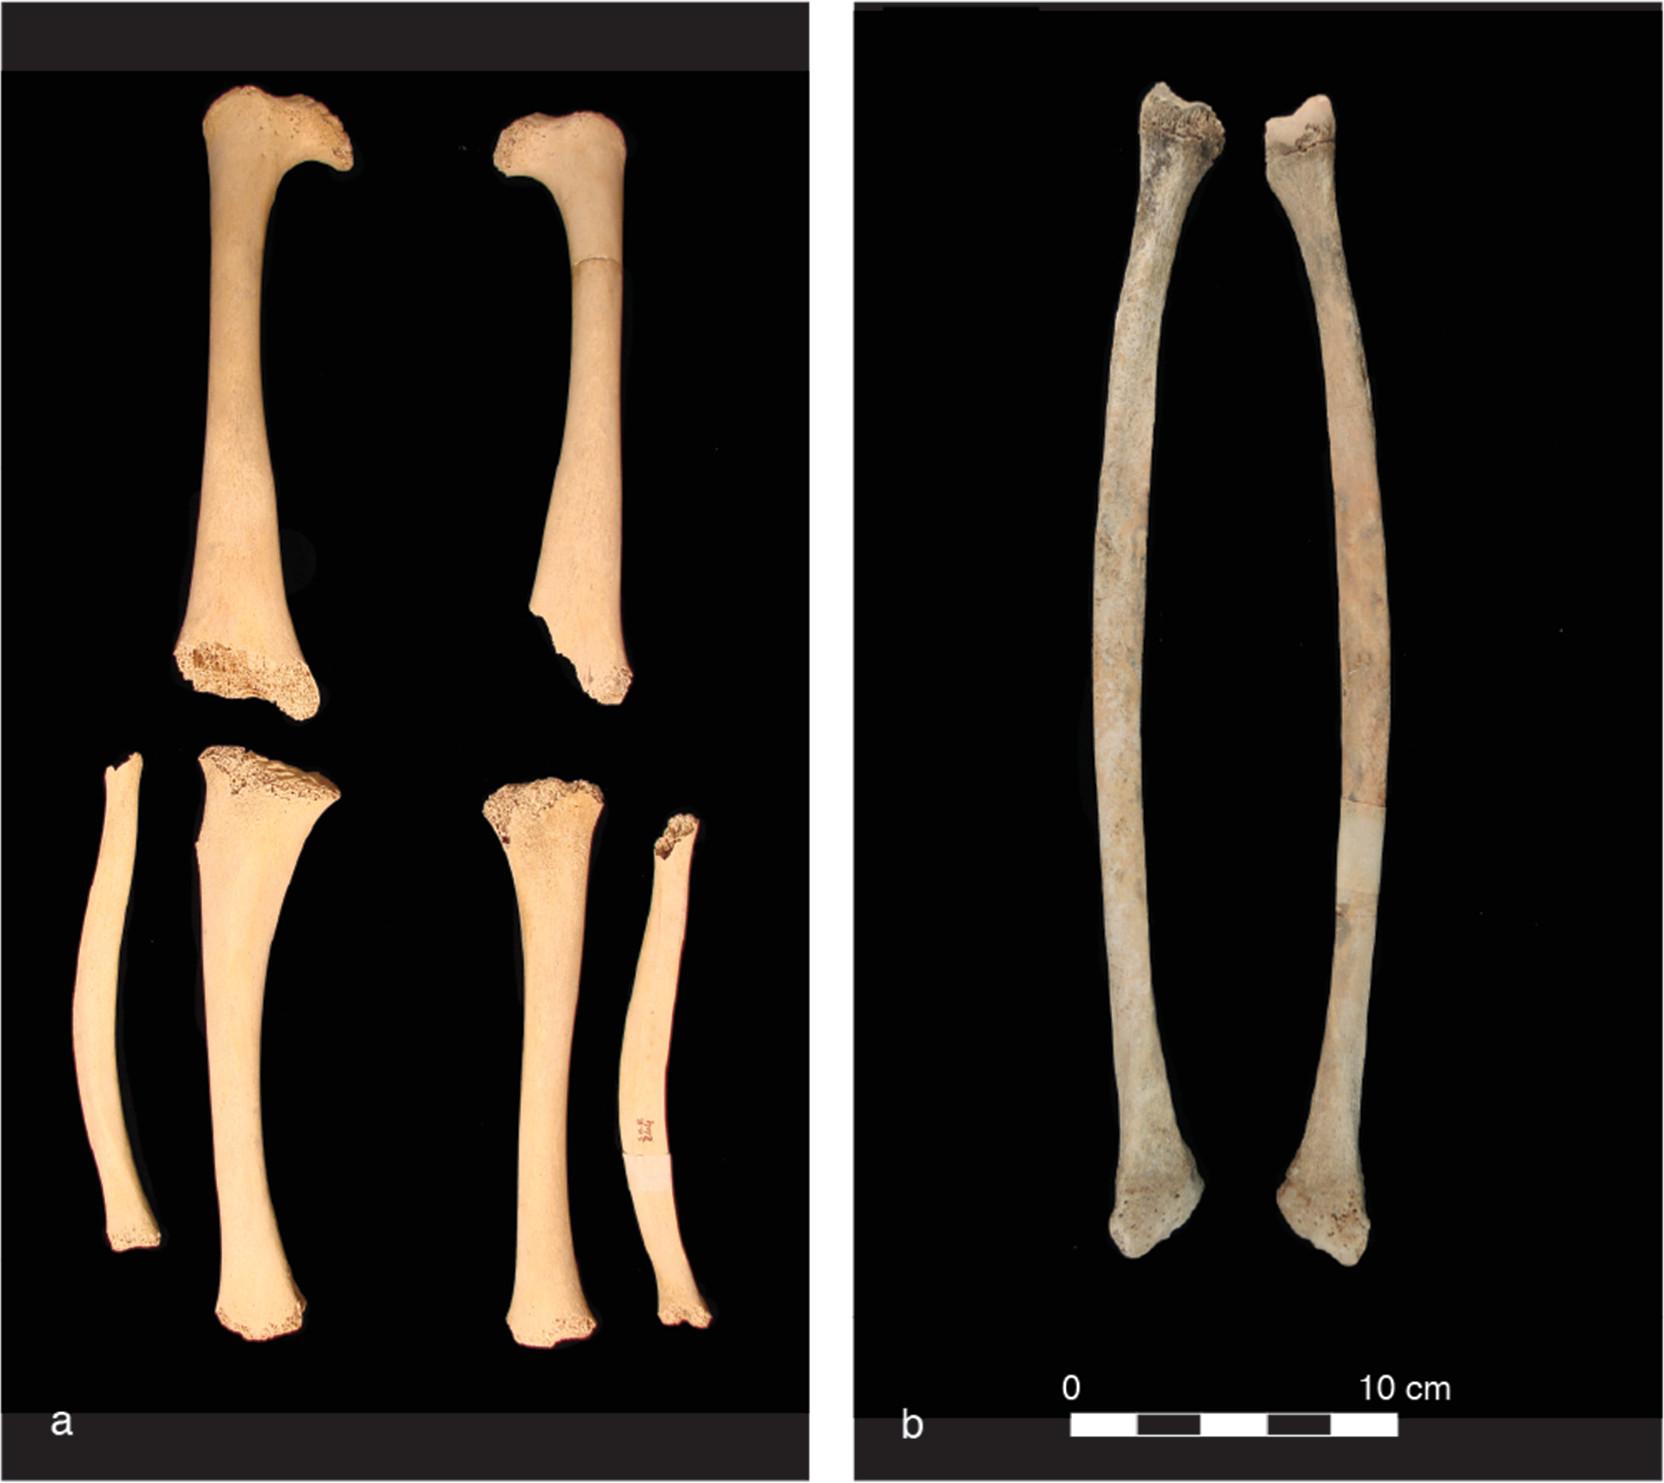 а. Деформированные длинные кости ребёнка 5—7 лет, больного рахитом.<br />b. Малоберцовая кость сдеформацией от перенесённого вдетстве рахита, взрослый индивид. Оба случая из погребения времён Римской империи (III вн.э.)